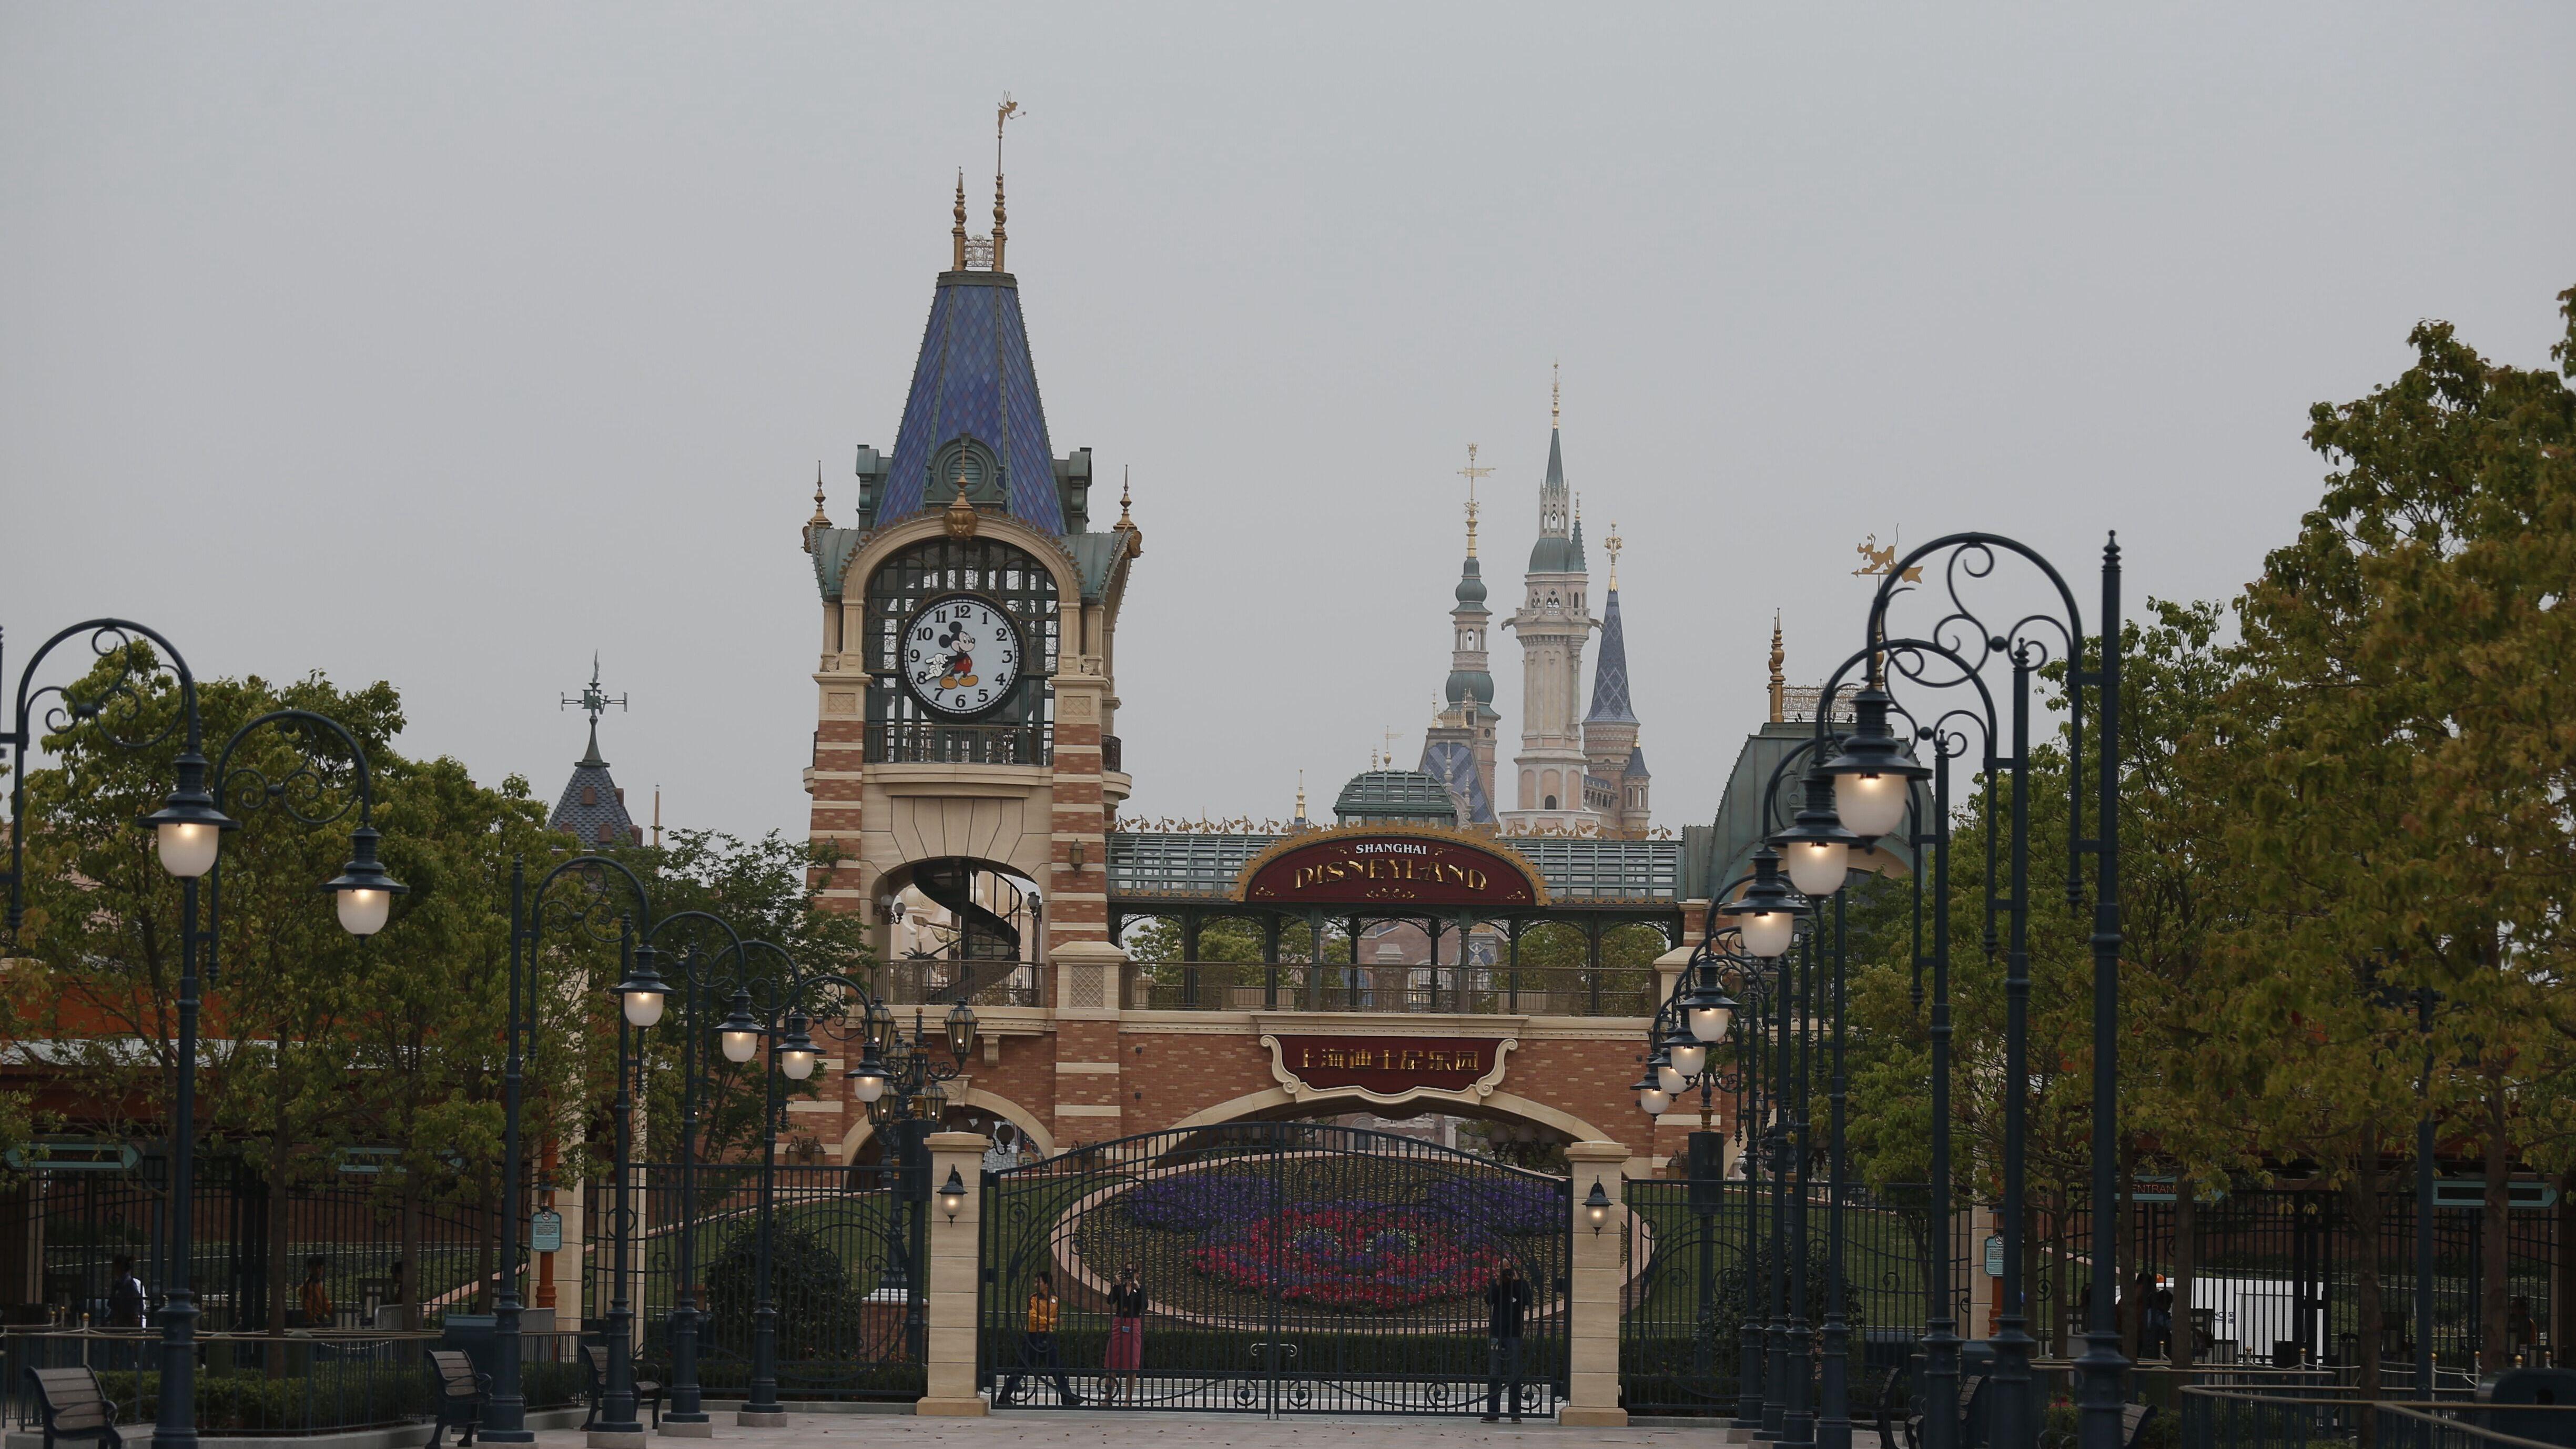 上海迪士尼乐园 上海迪士尼乐园 成人票上海迪士尼乐园我们一行人是早上7 30出发, 驴妈妈点评